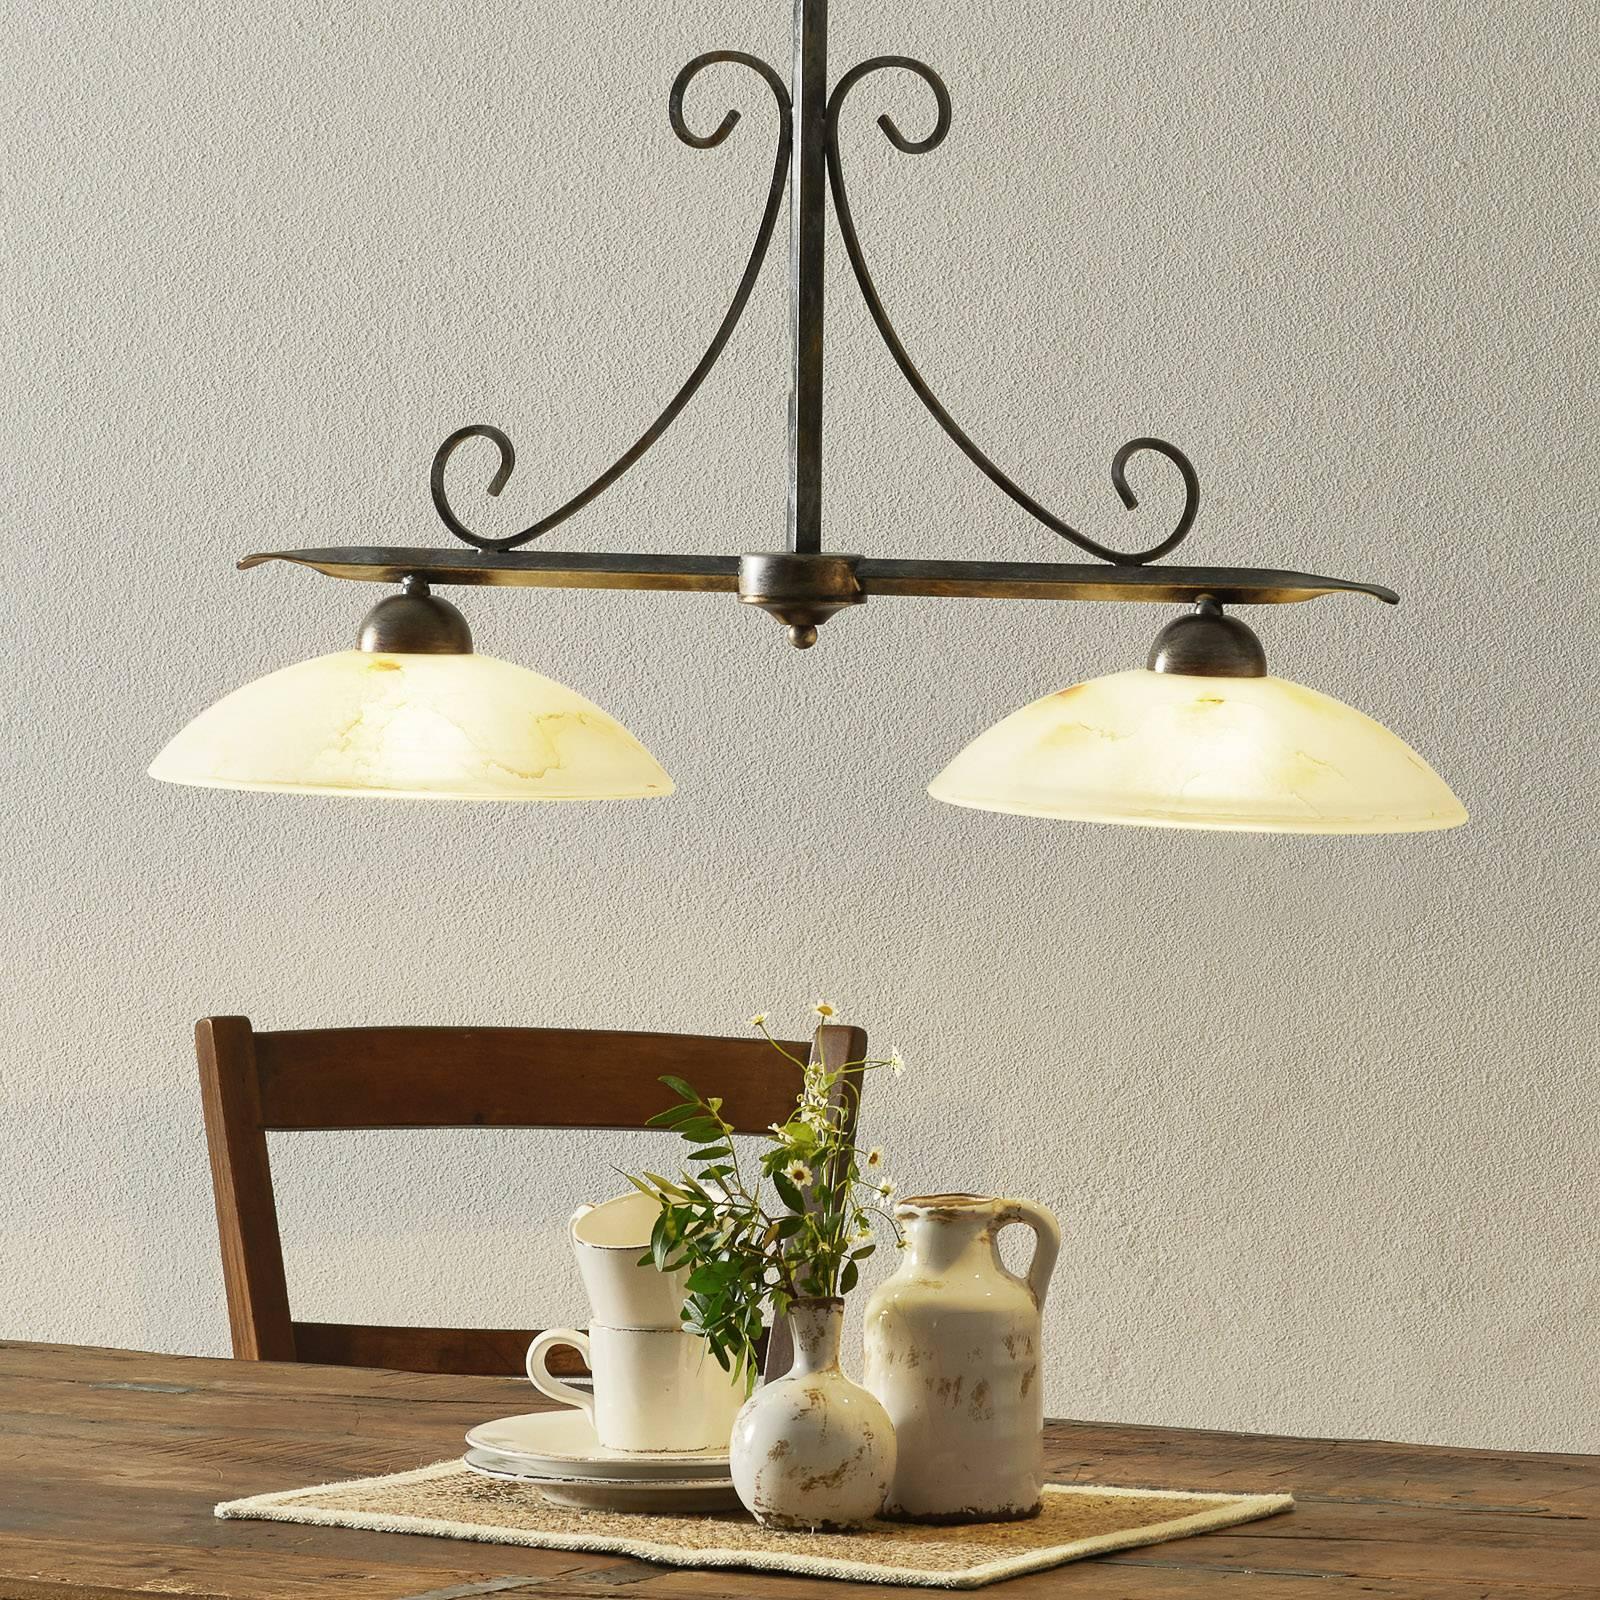 Hanglamp Dana in landhuisstijl met 2 lampjes